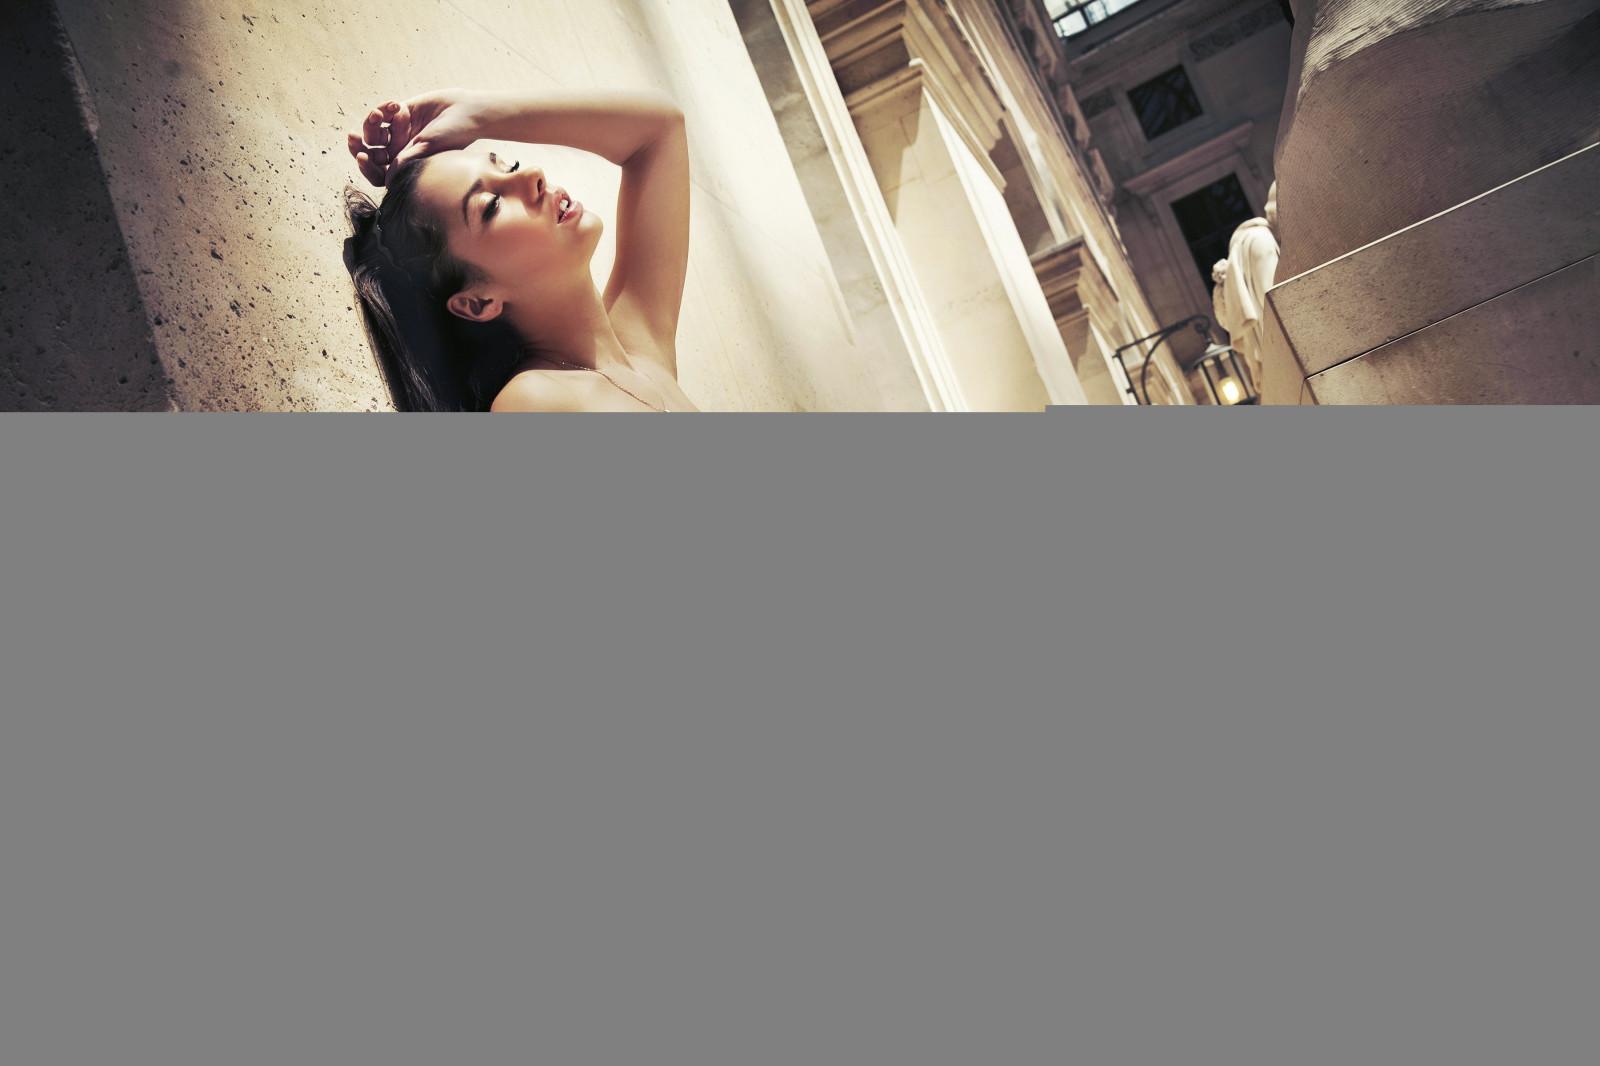 Frau Modell  Kleid Säule Innenarchitektur Licht Farbe Beleuchtung Wände  Fensterverkleidung 3600x2400 Px